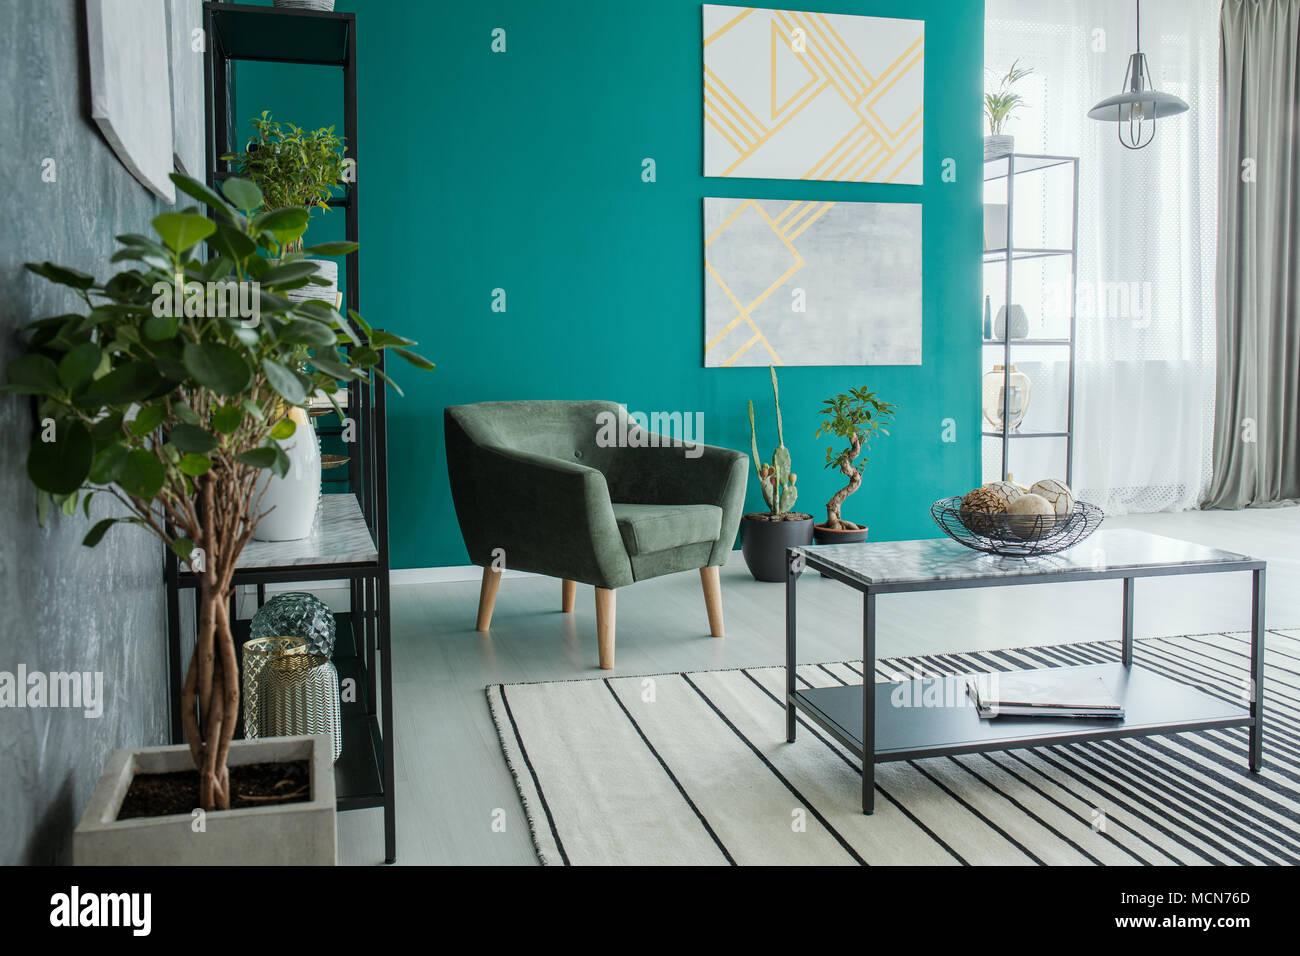 Frische Topfpflanzen In Grün Und Grau Wohnzimmer Einrichtung Mit Sessel Und  Zwei Geometrischen Gemälde